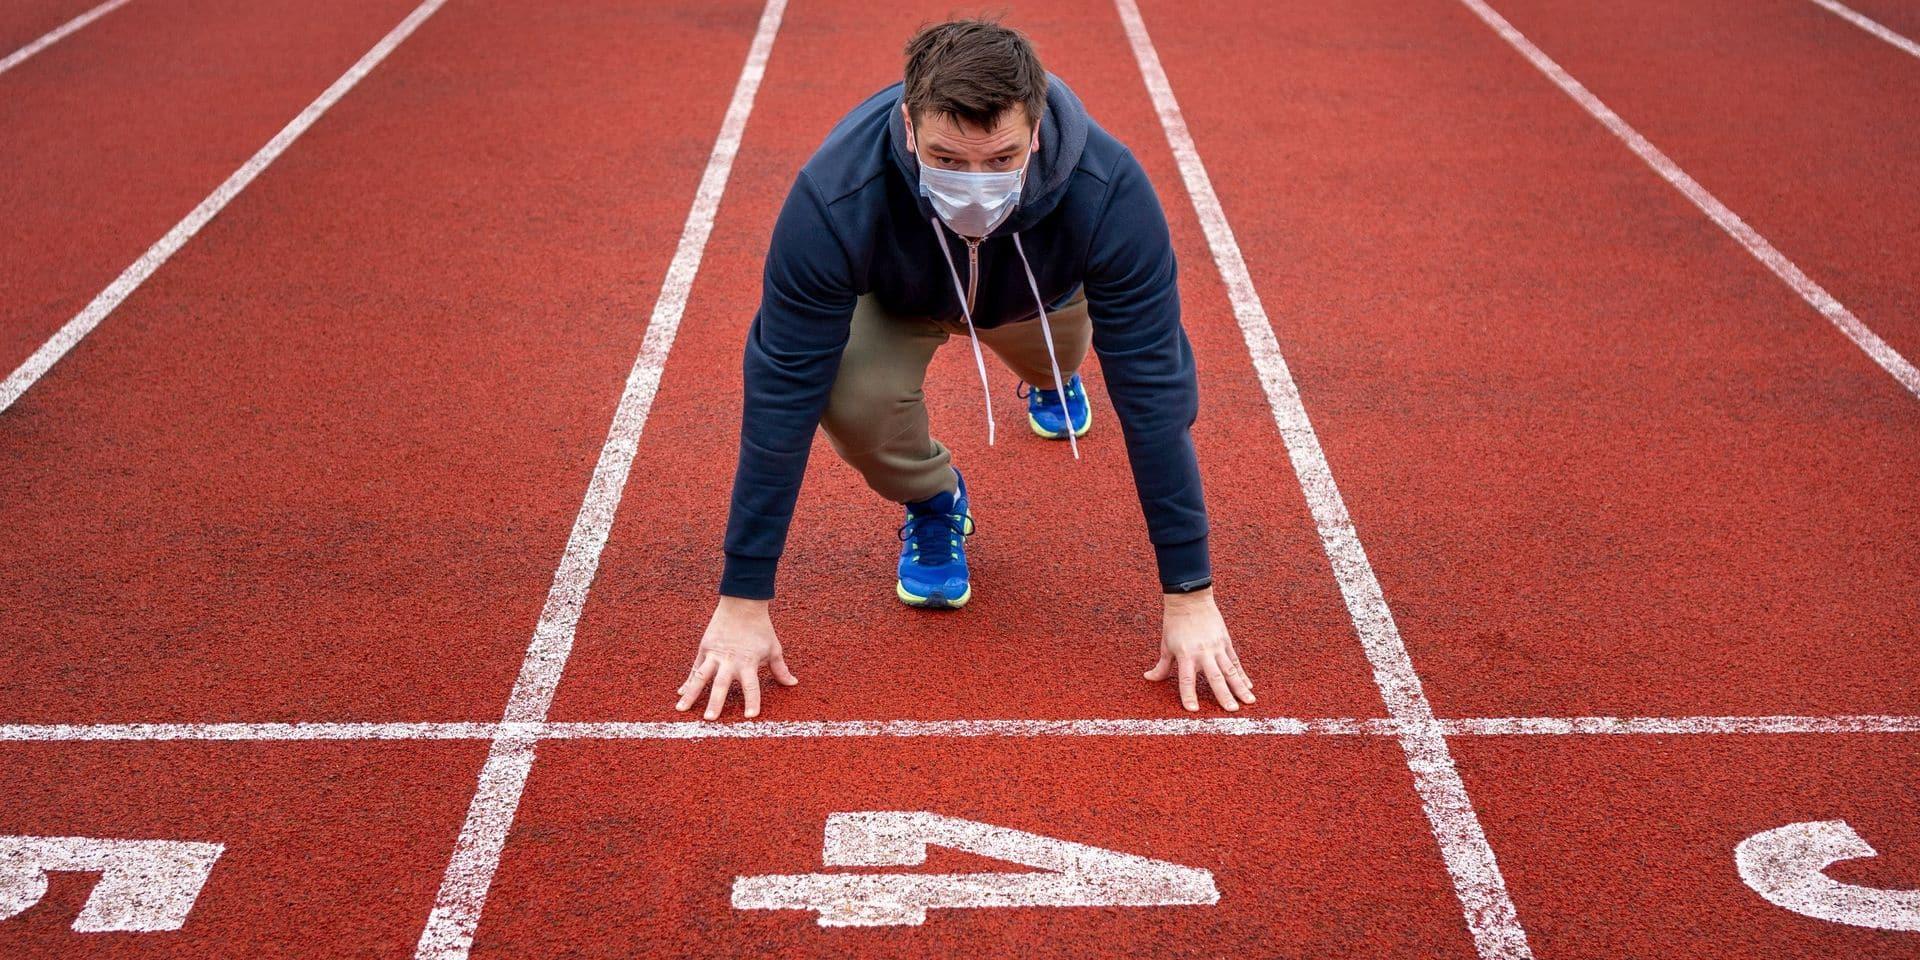 """La mise en garde d'un cardiologue: """"Pendant ce confinement, il faut éviter les activités sportives très intenses"""""""